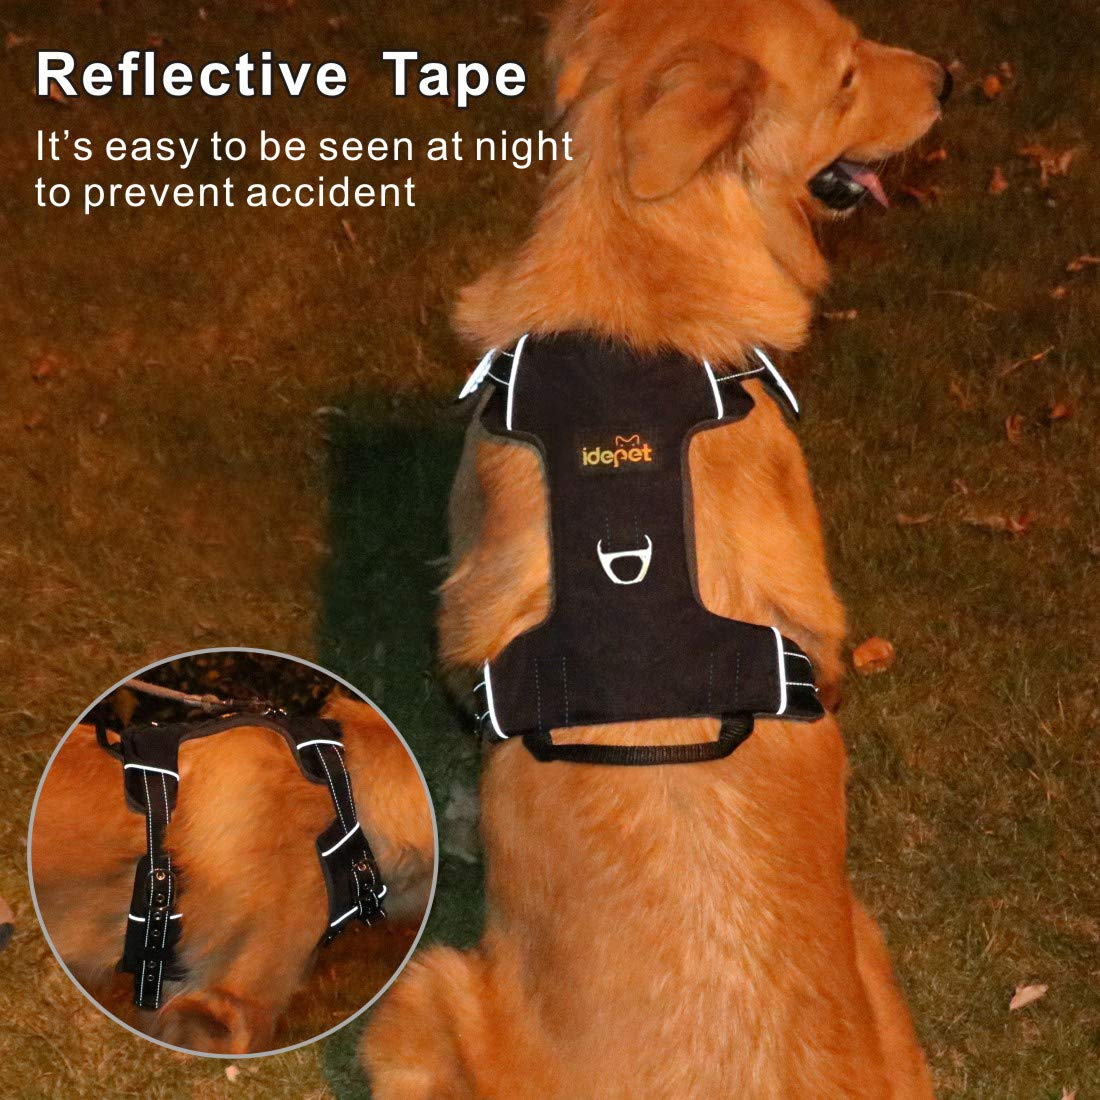 Design a Catena in Acciaio Anti-masticazione Idepet Guinzaglio per Cani a Scomparsa per impieghi gravosi guinzaglio da 16 Piedi per Cani da Passeggio Rottura e Blocco